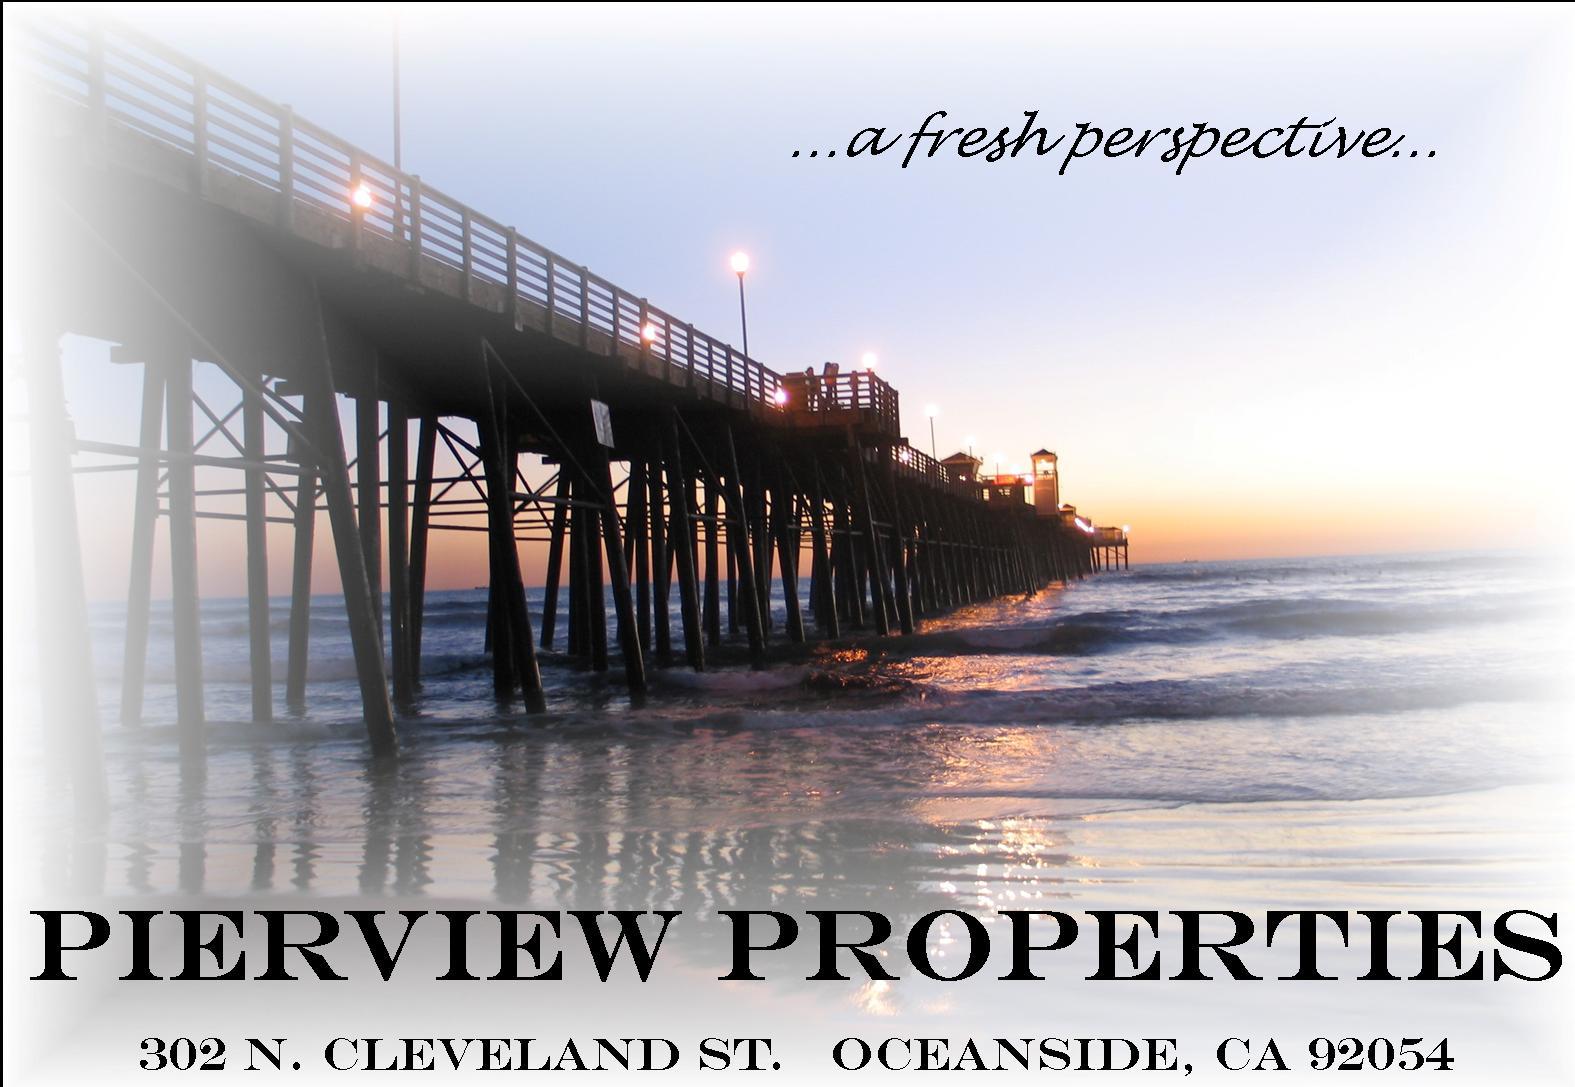 Carlyn Yenger, PierView Properties REALTOR